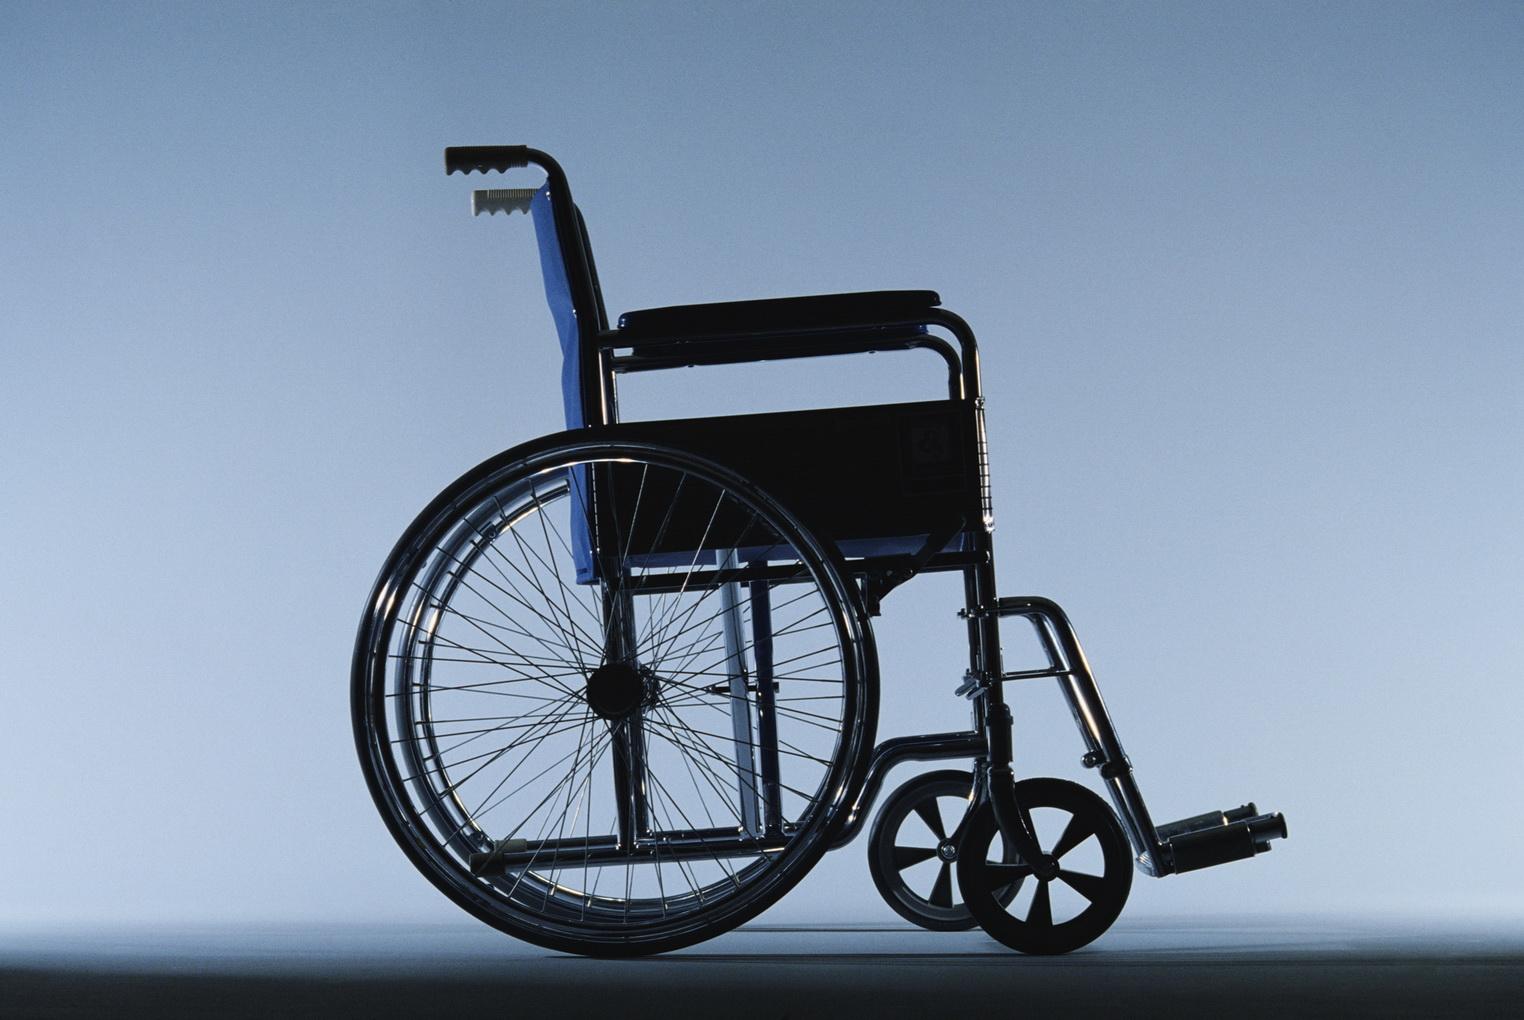 Симферопольских чиновников заставили проехаться в инвалидных колясках по городских улицам